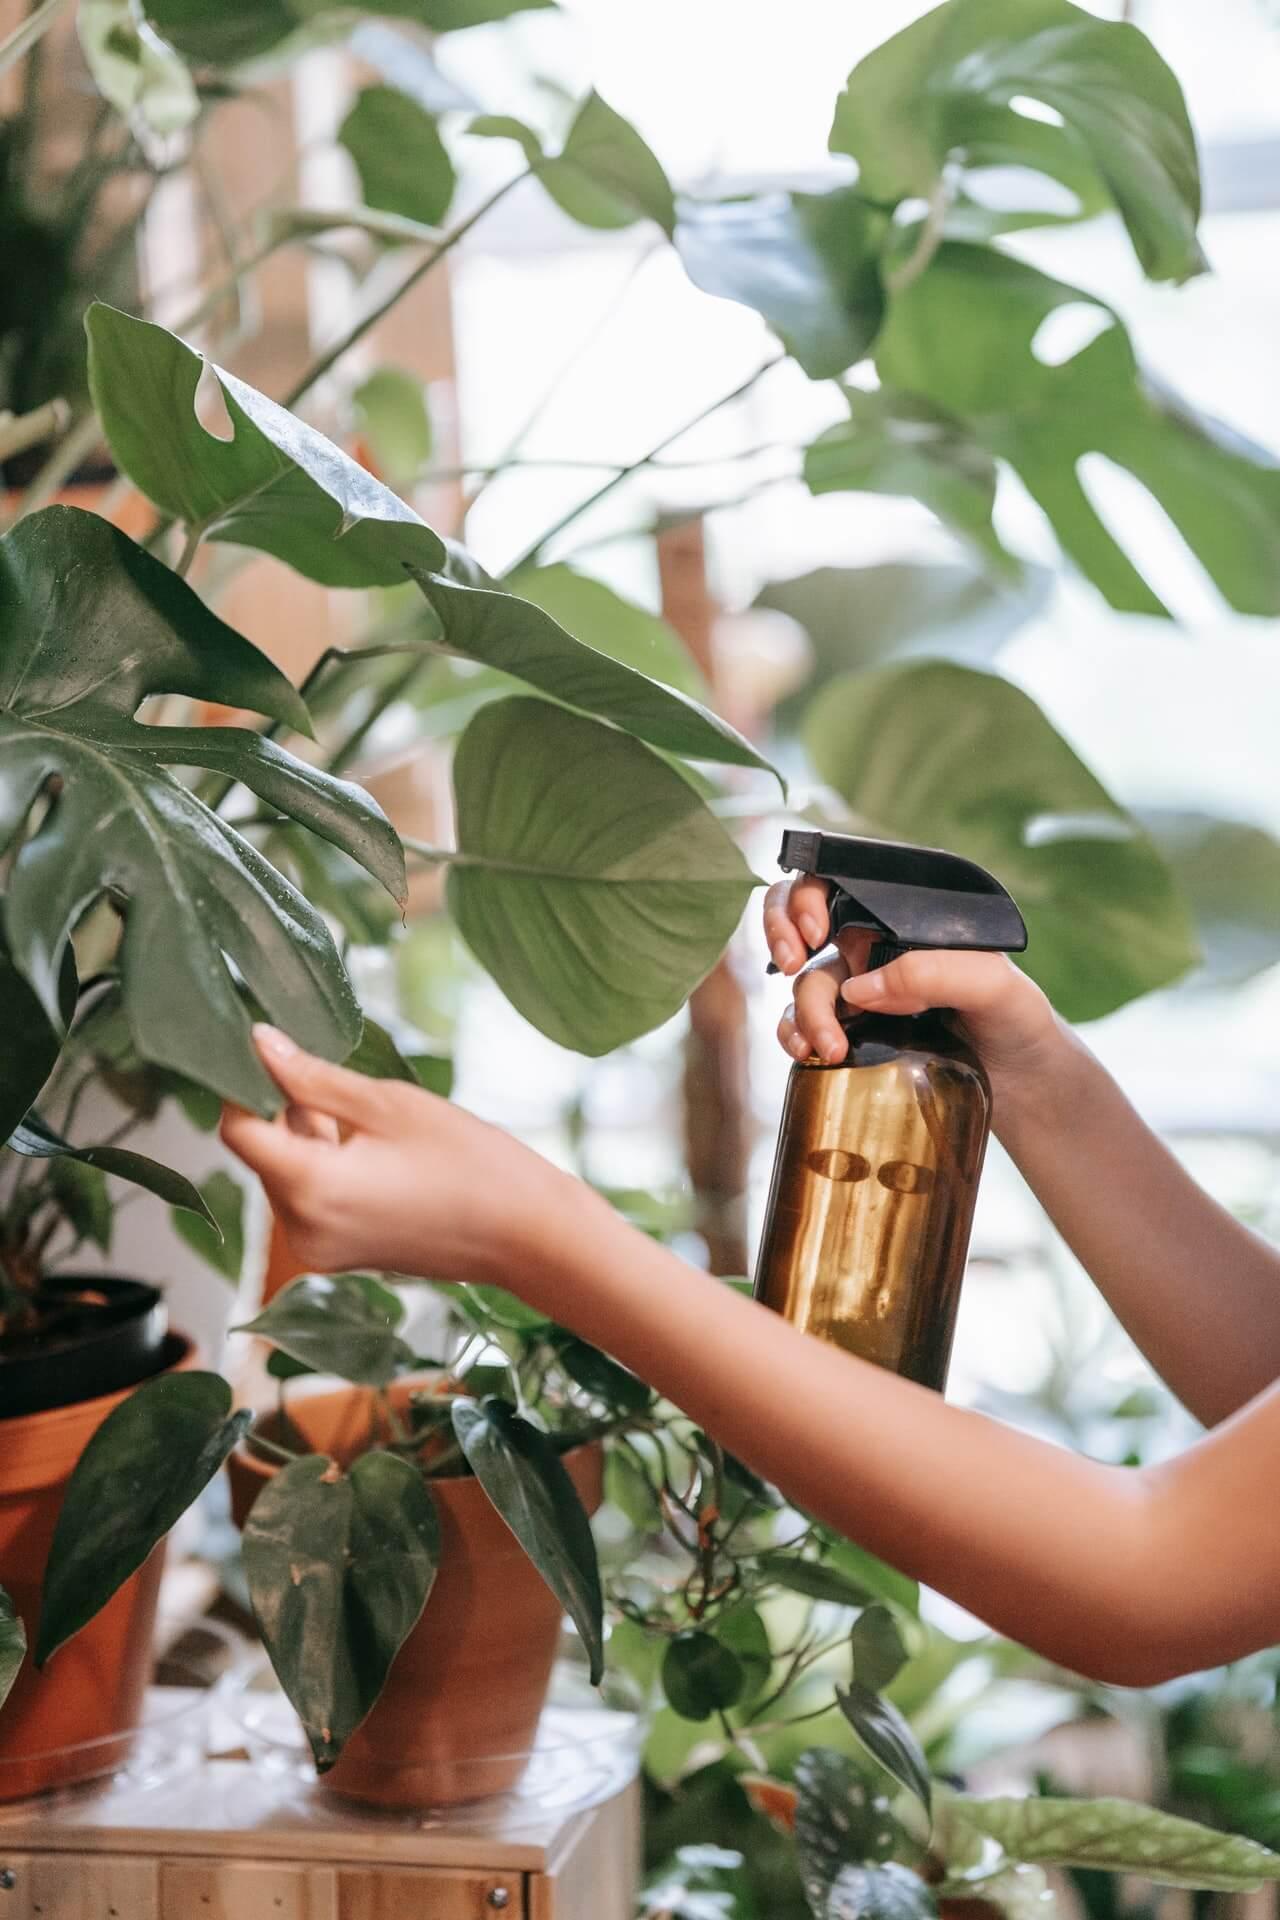 Ψεκάζετε τακτικά με καθαρό νερό τα φύλλα της, ειδικά όταν είναι σε νεαρή ηλικία.